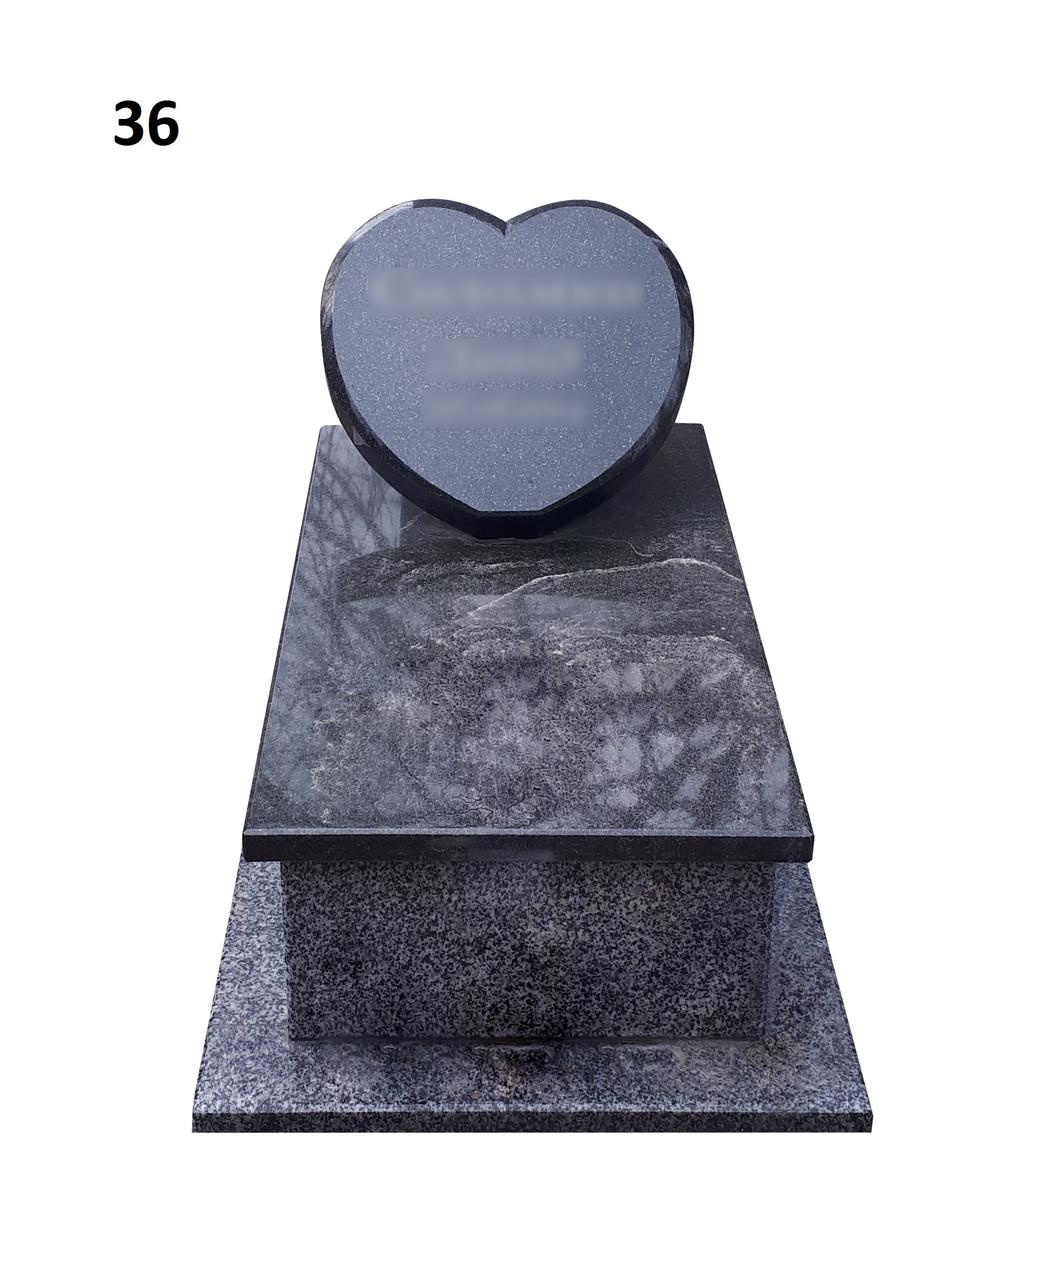 Дитячий пам'ятник серце, закрита гробничка із граніту